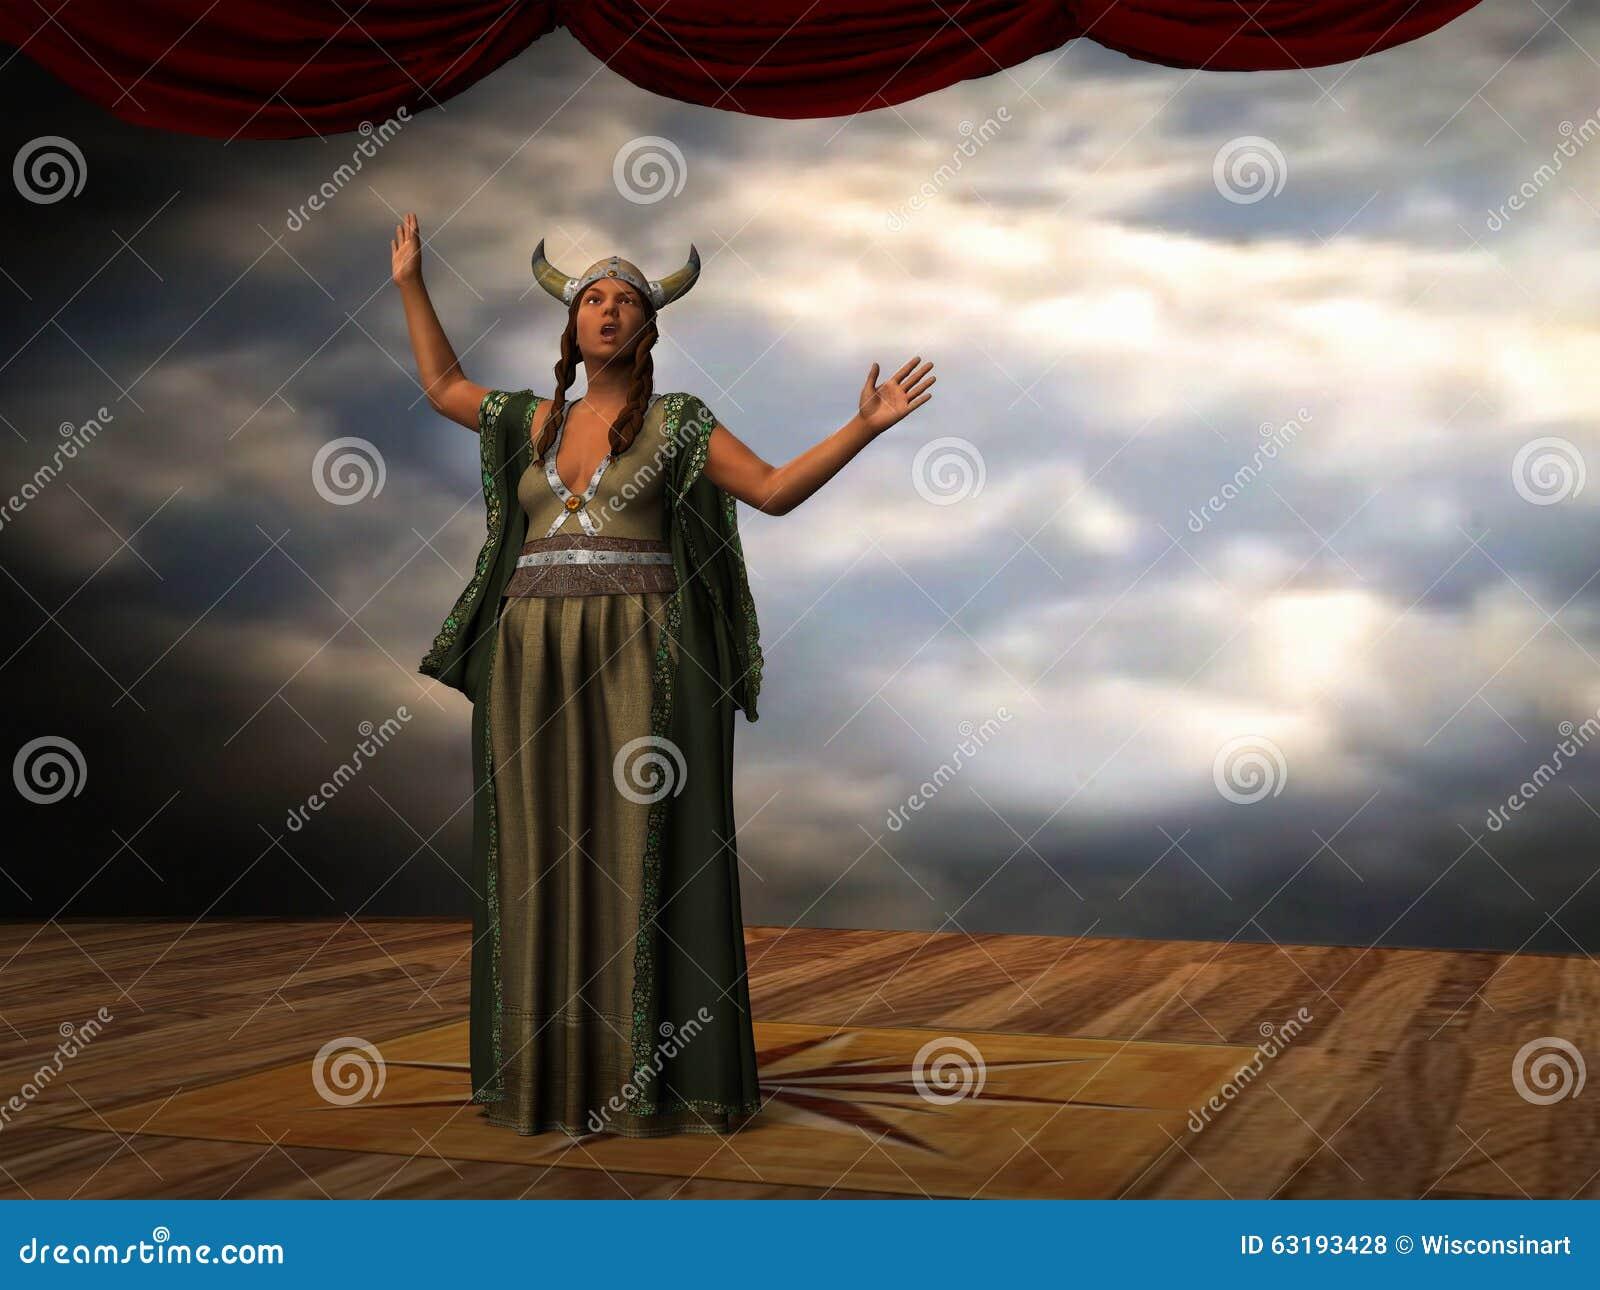 Signora Grassa Canta Lopera Cantante Illustration Illustrazione Di